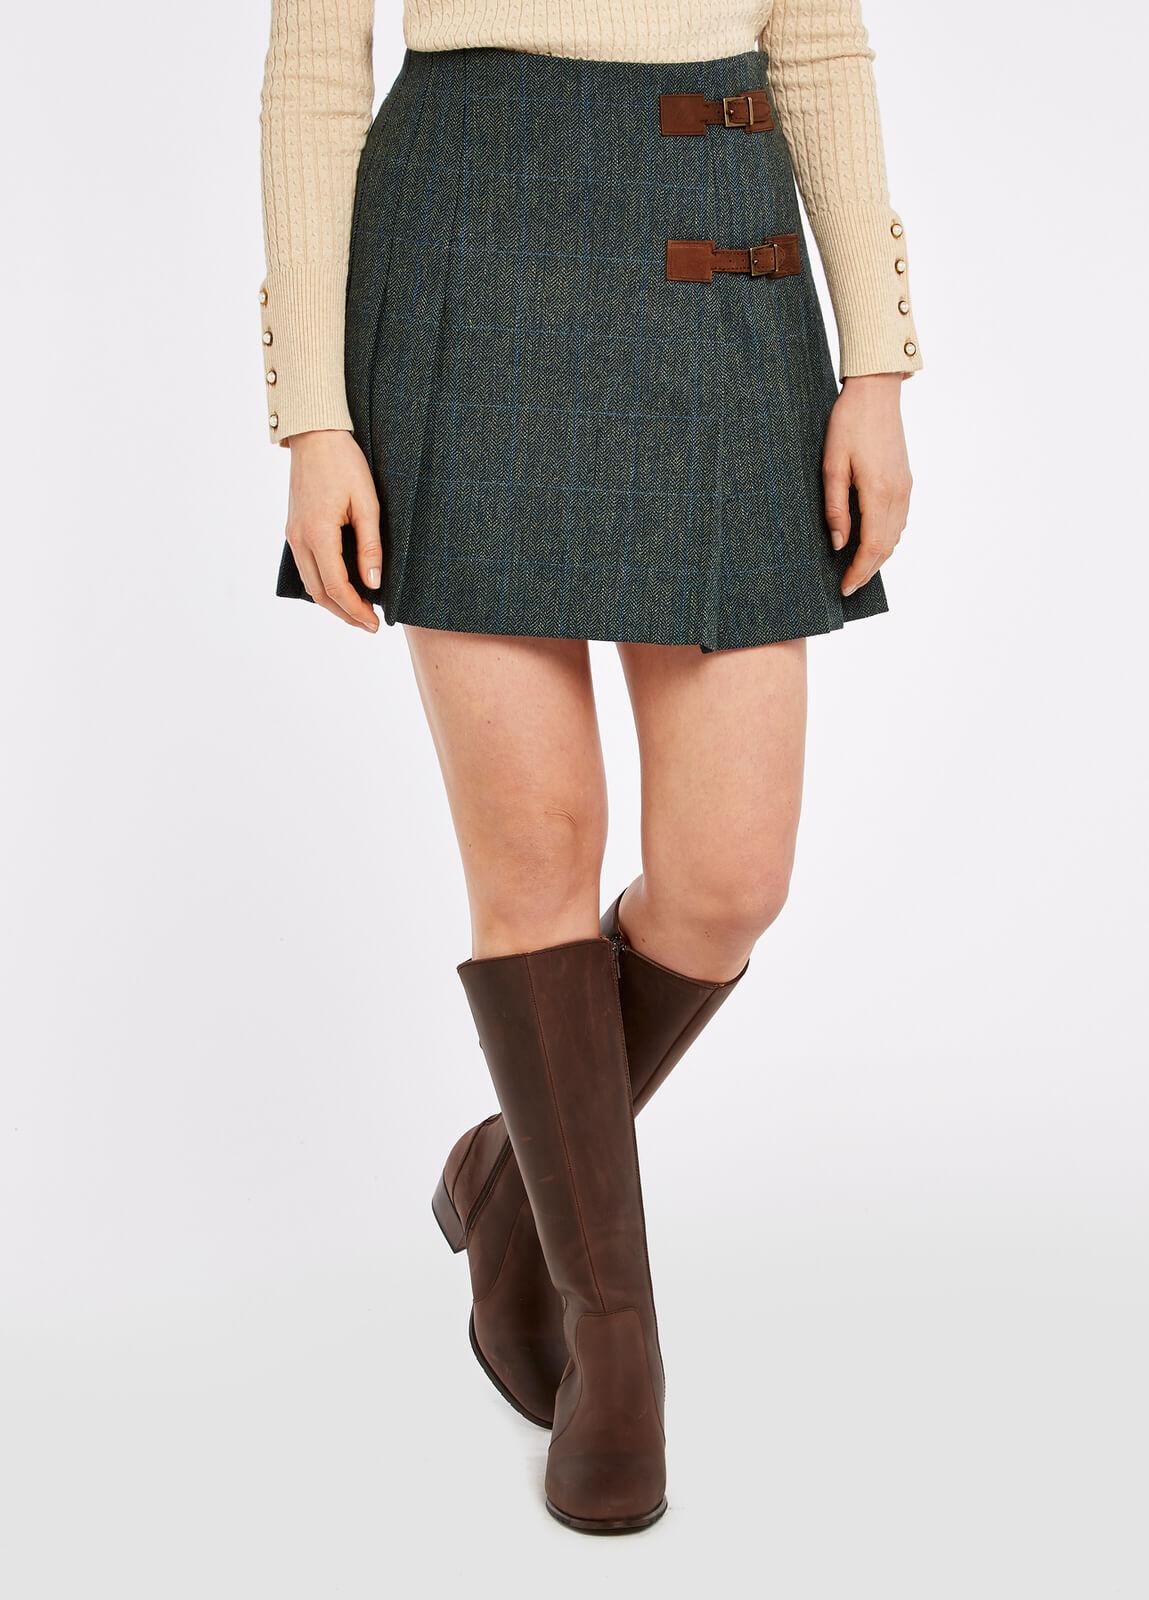 Dubarry_Blossom_Tweed_Skirt_Mist_on_model